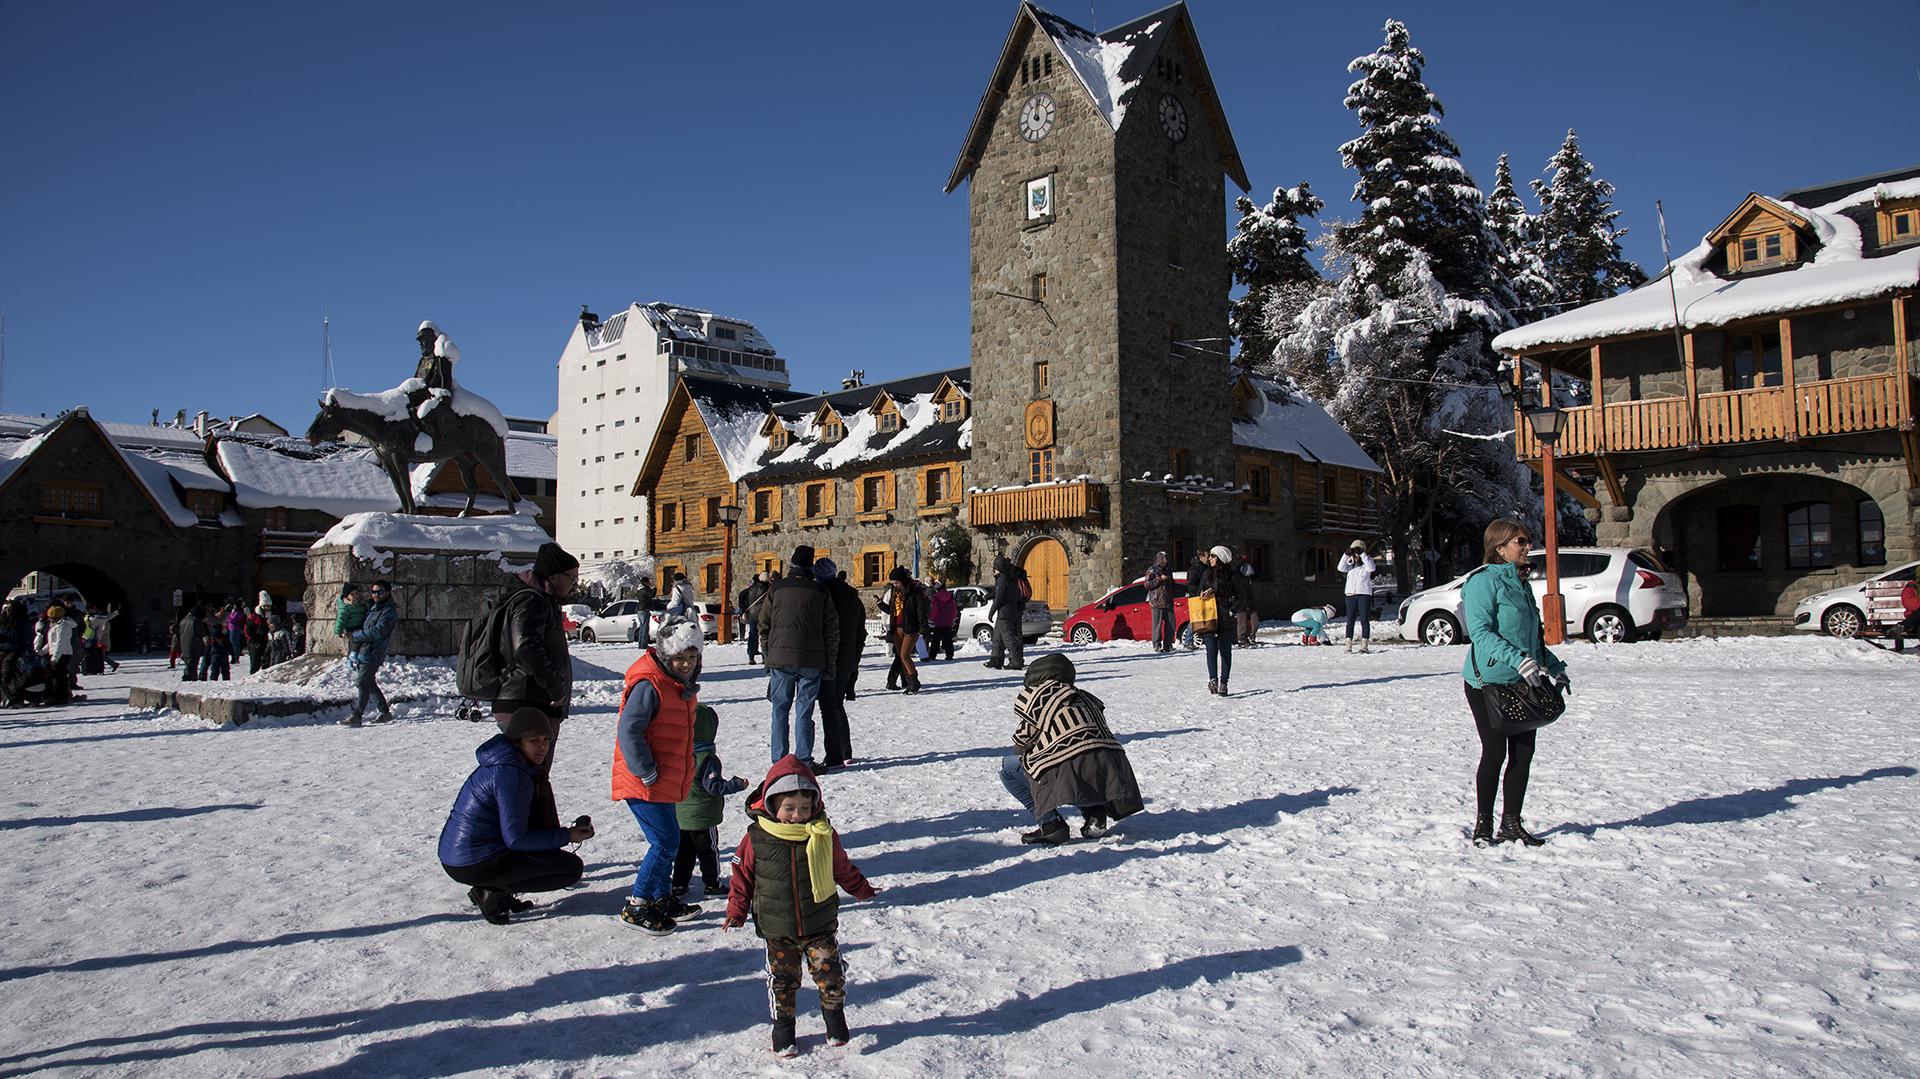 El Servicio Meteorológico Nacional registró un récord absoluto de frío en la ciudad de Bariloche esta madruga: 25.4 grados bajo cero (Fotos: Marcelo Martínez)